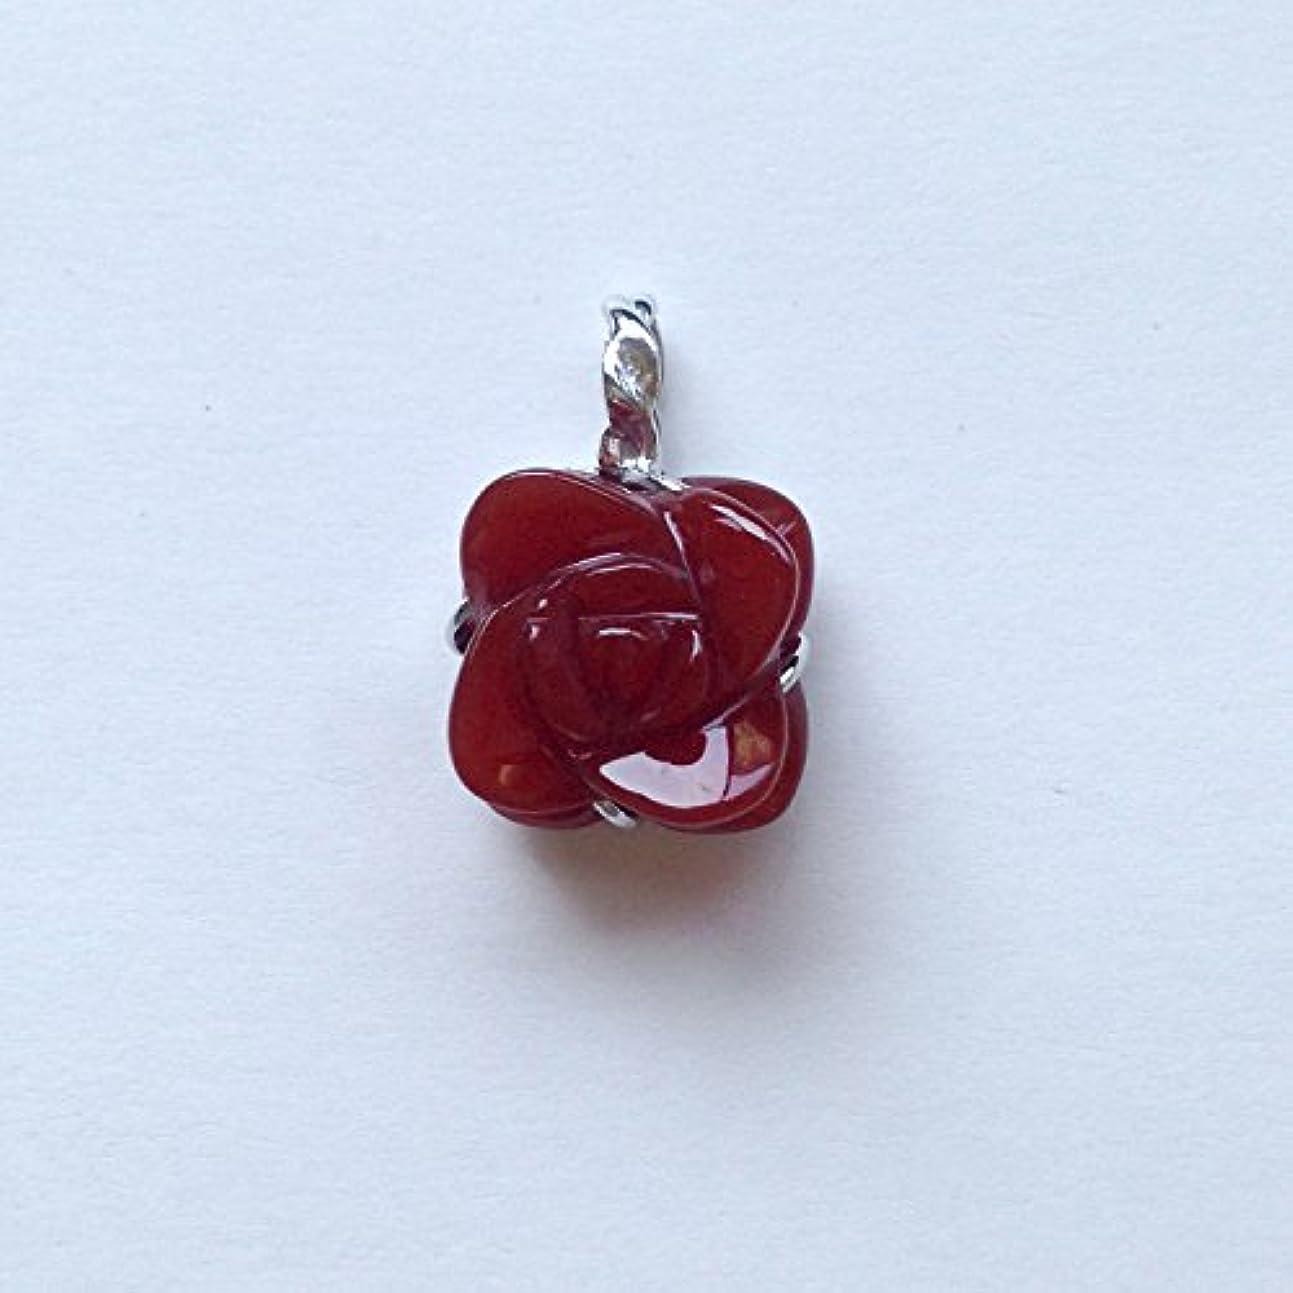 修理工変数ブーム香る宝石SV赤メノウペンダント通常¥26,800の所 (Ag925)